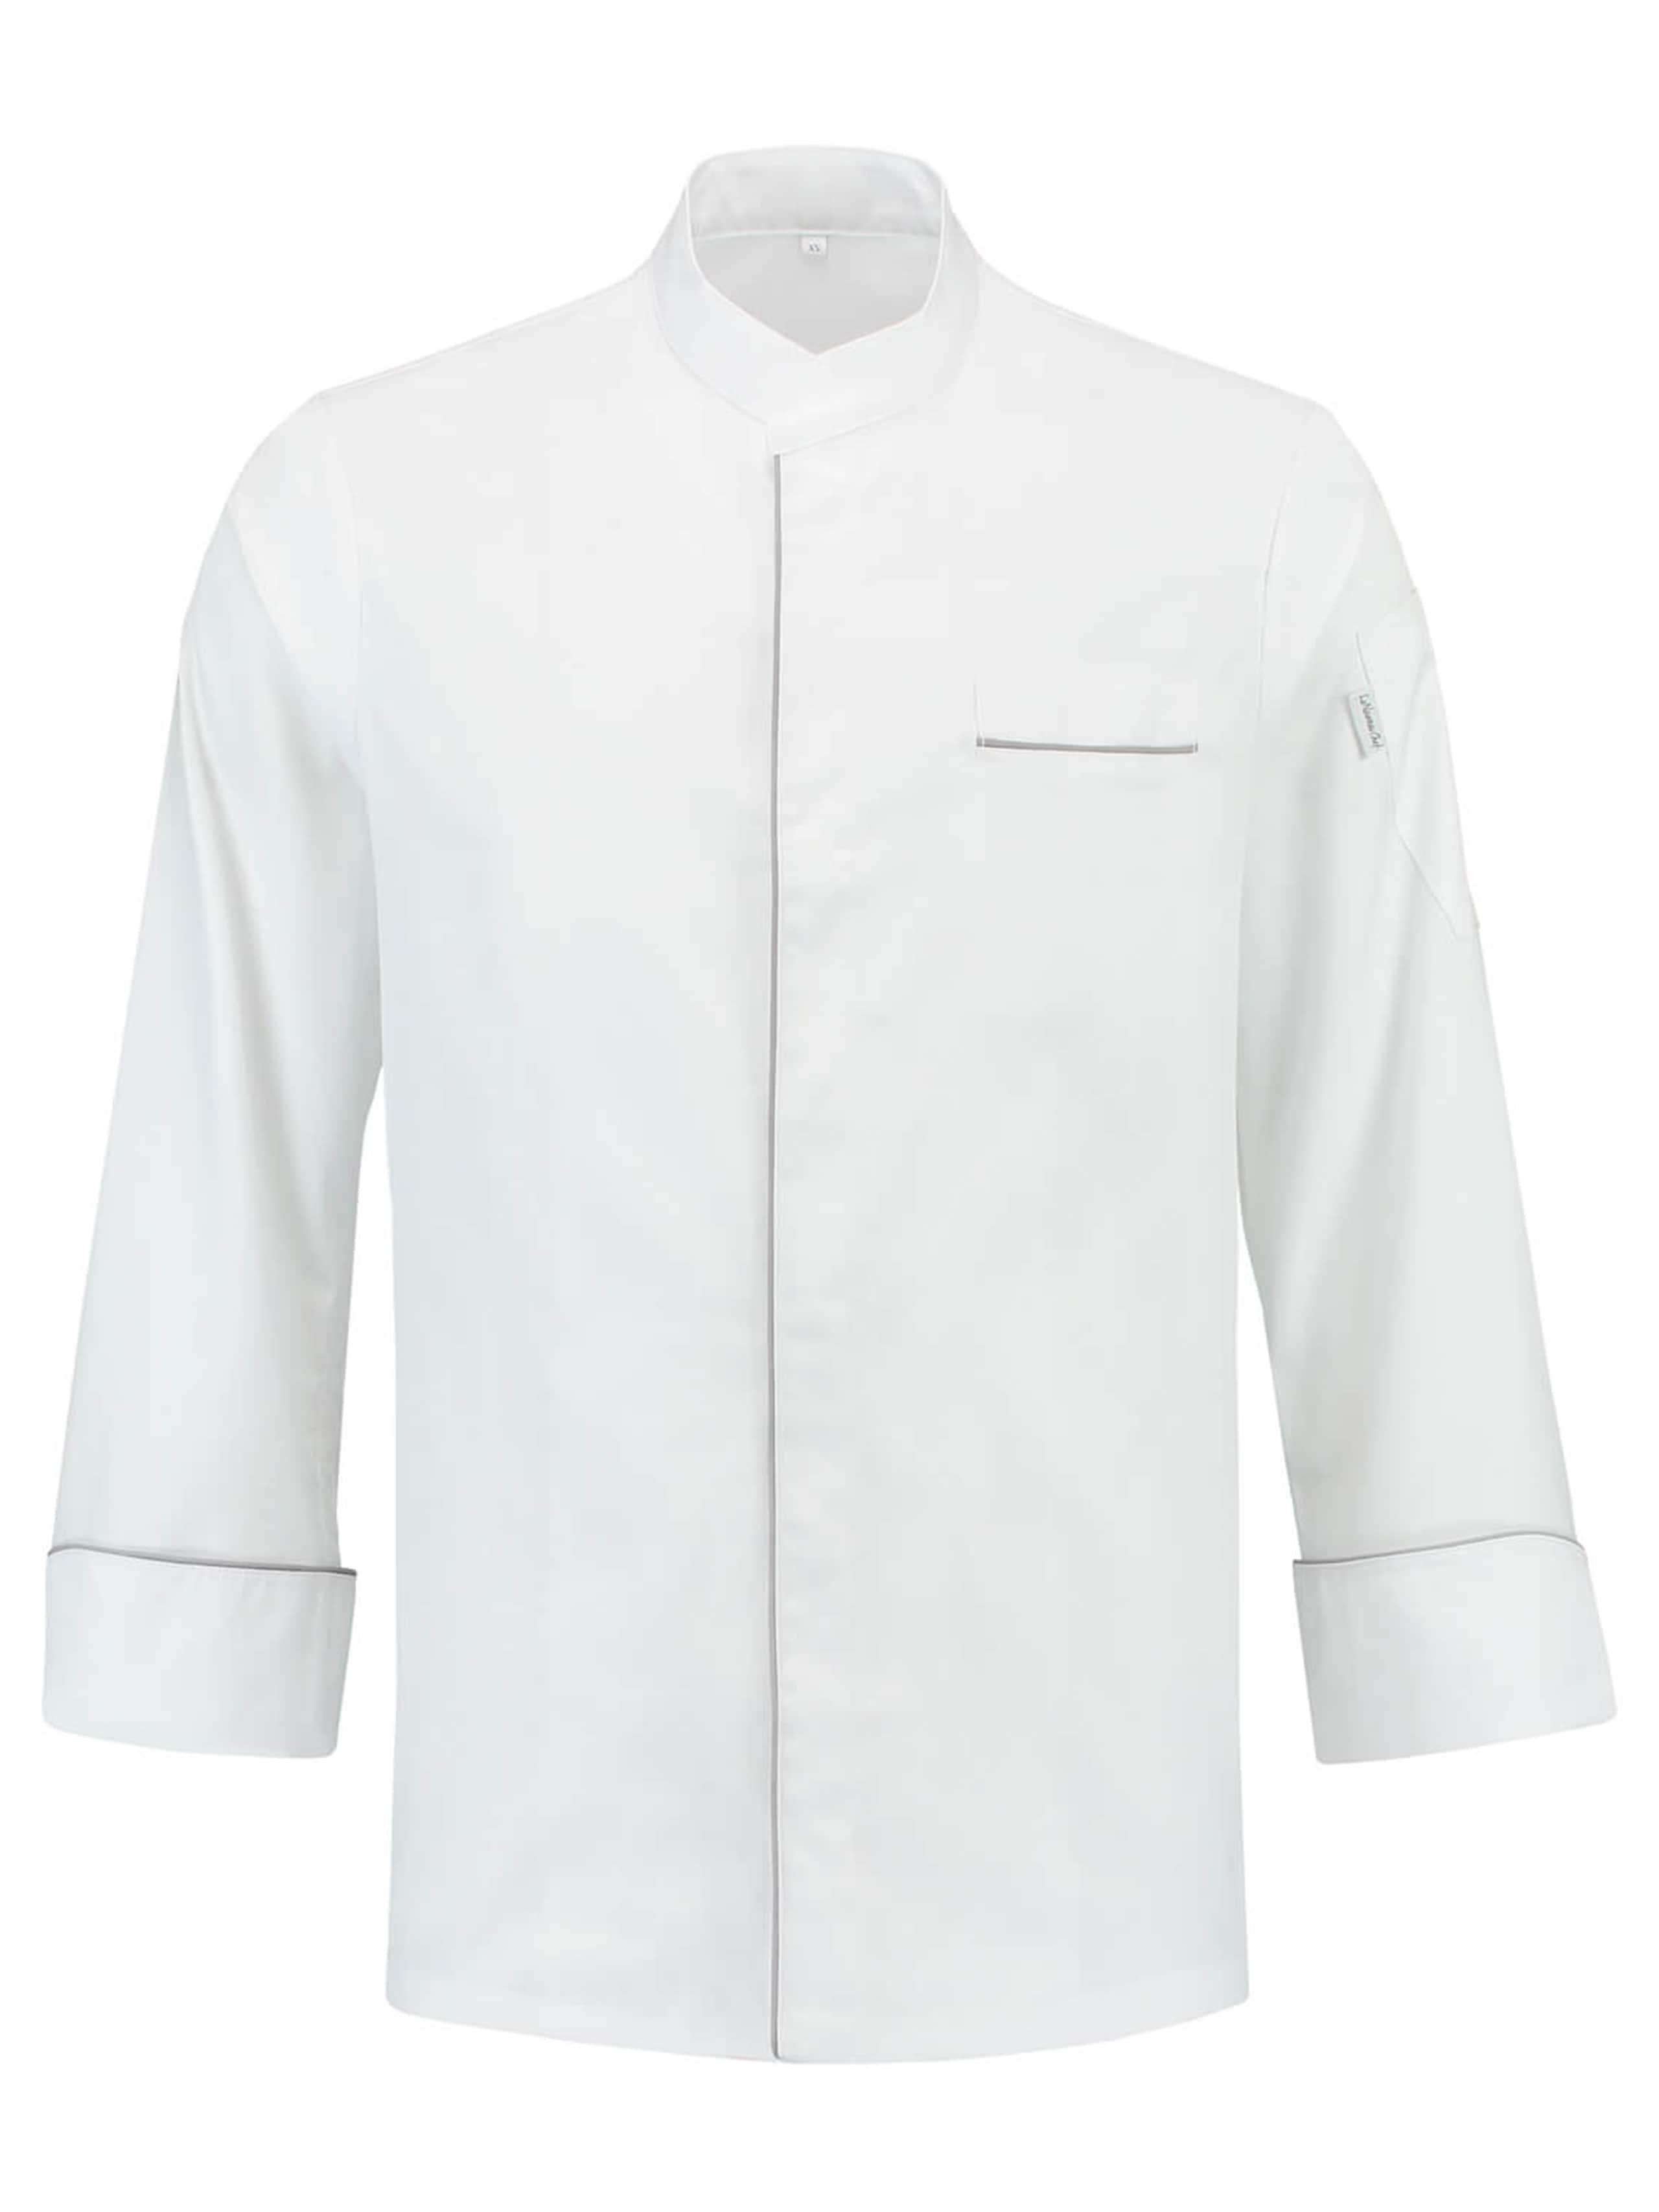 Kochjacke Xperience Deluxe Weiß